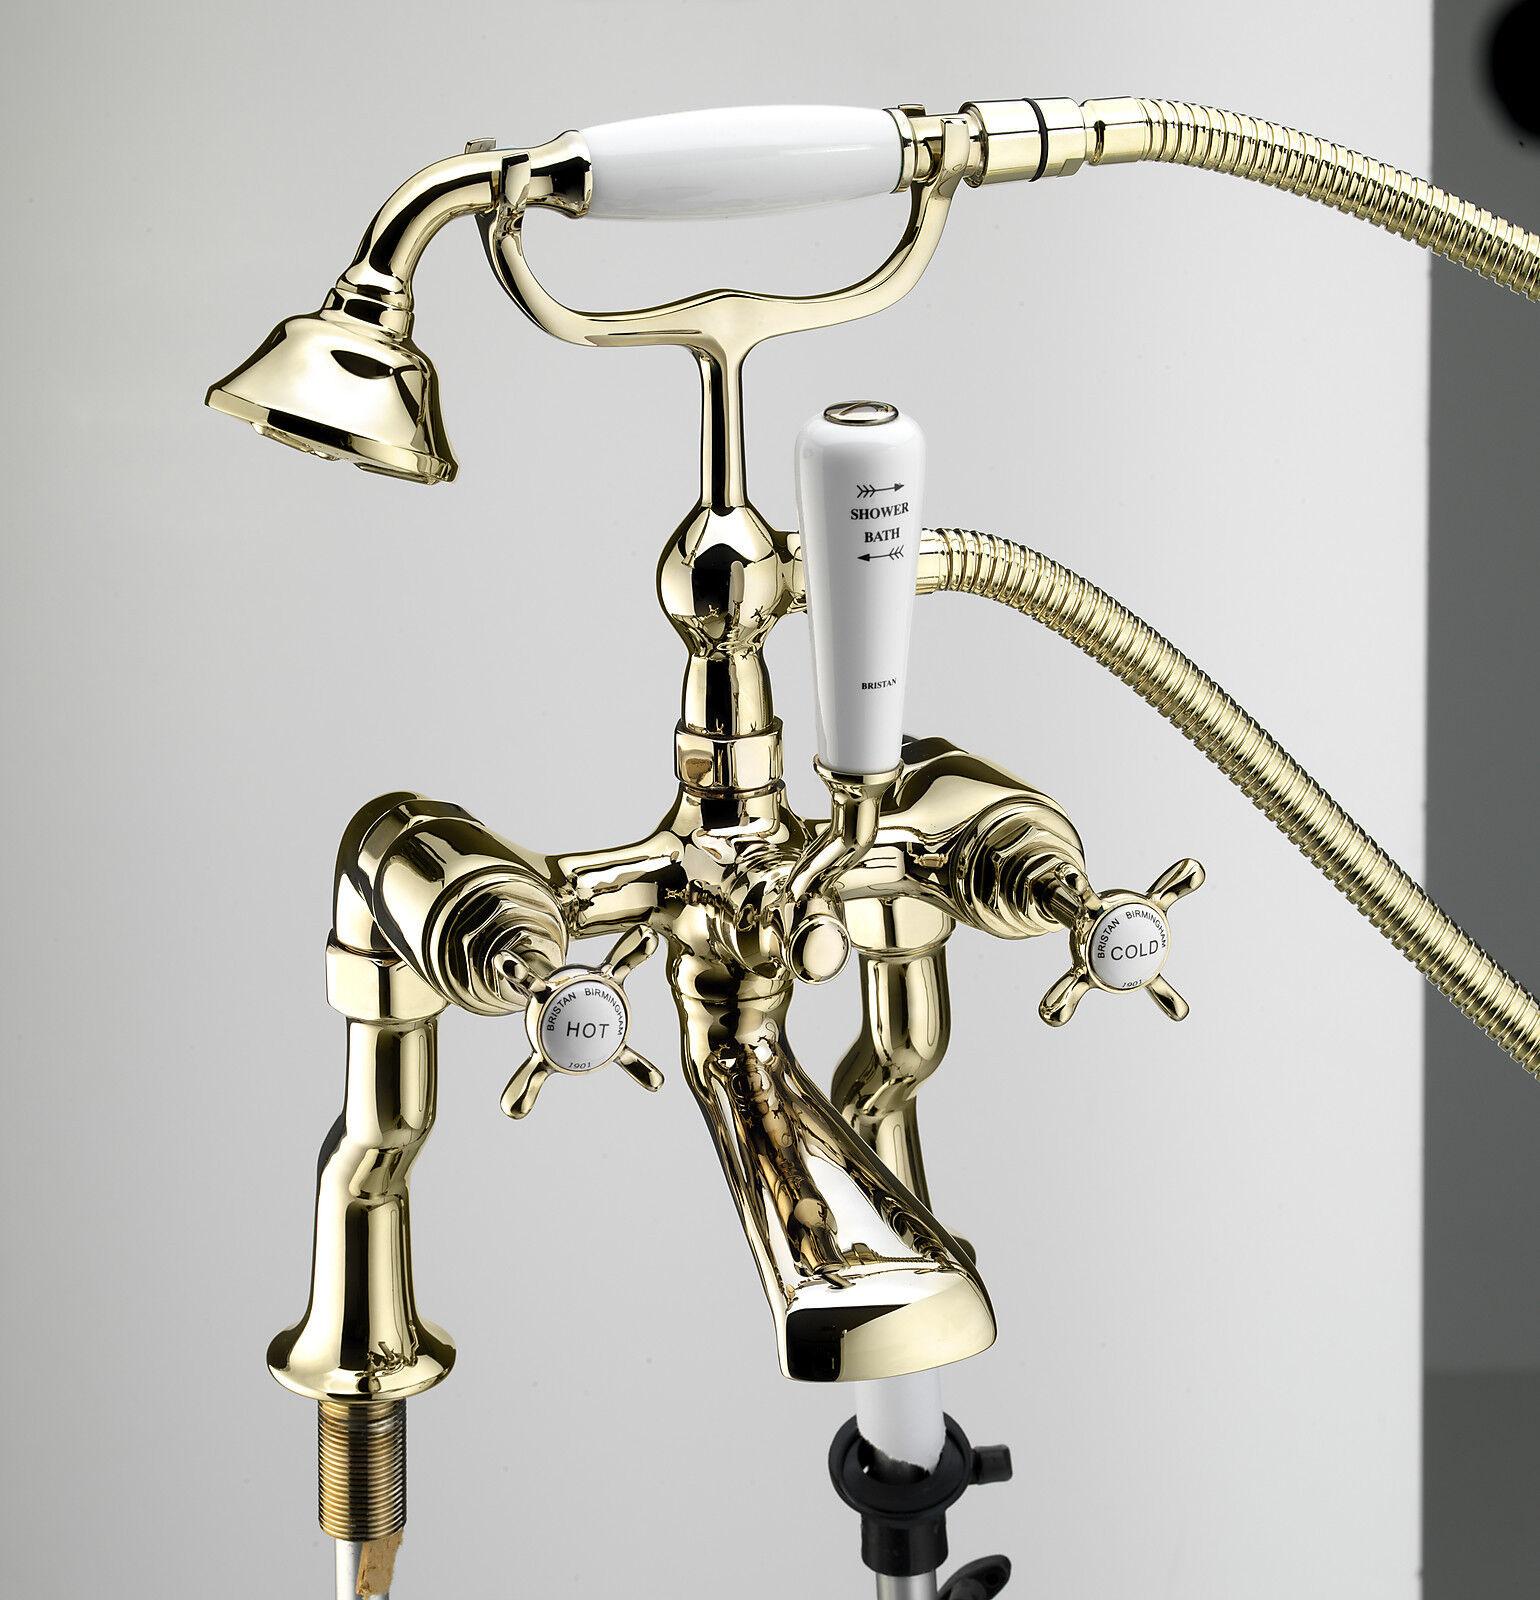 Bristan 1901 Rubinetti Tradizionali Miscelatore lavabo bagno doccia Filler oro oro oro Bagno Set a97e8f